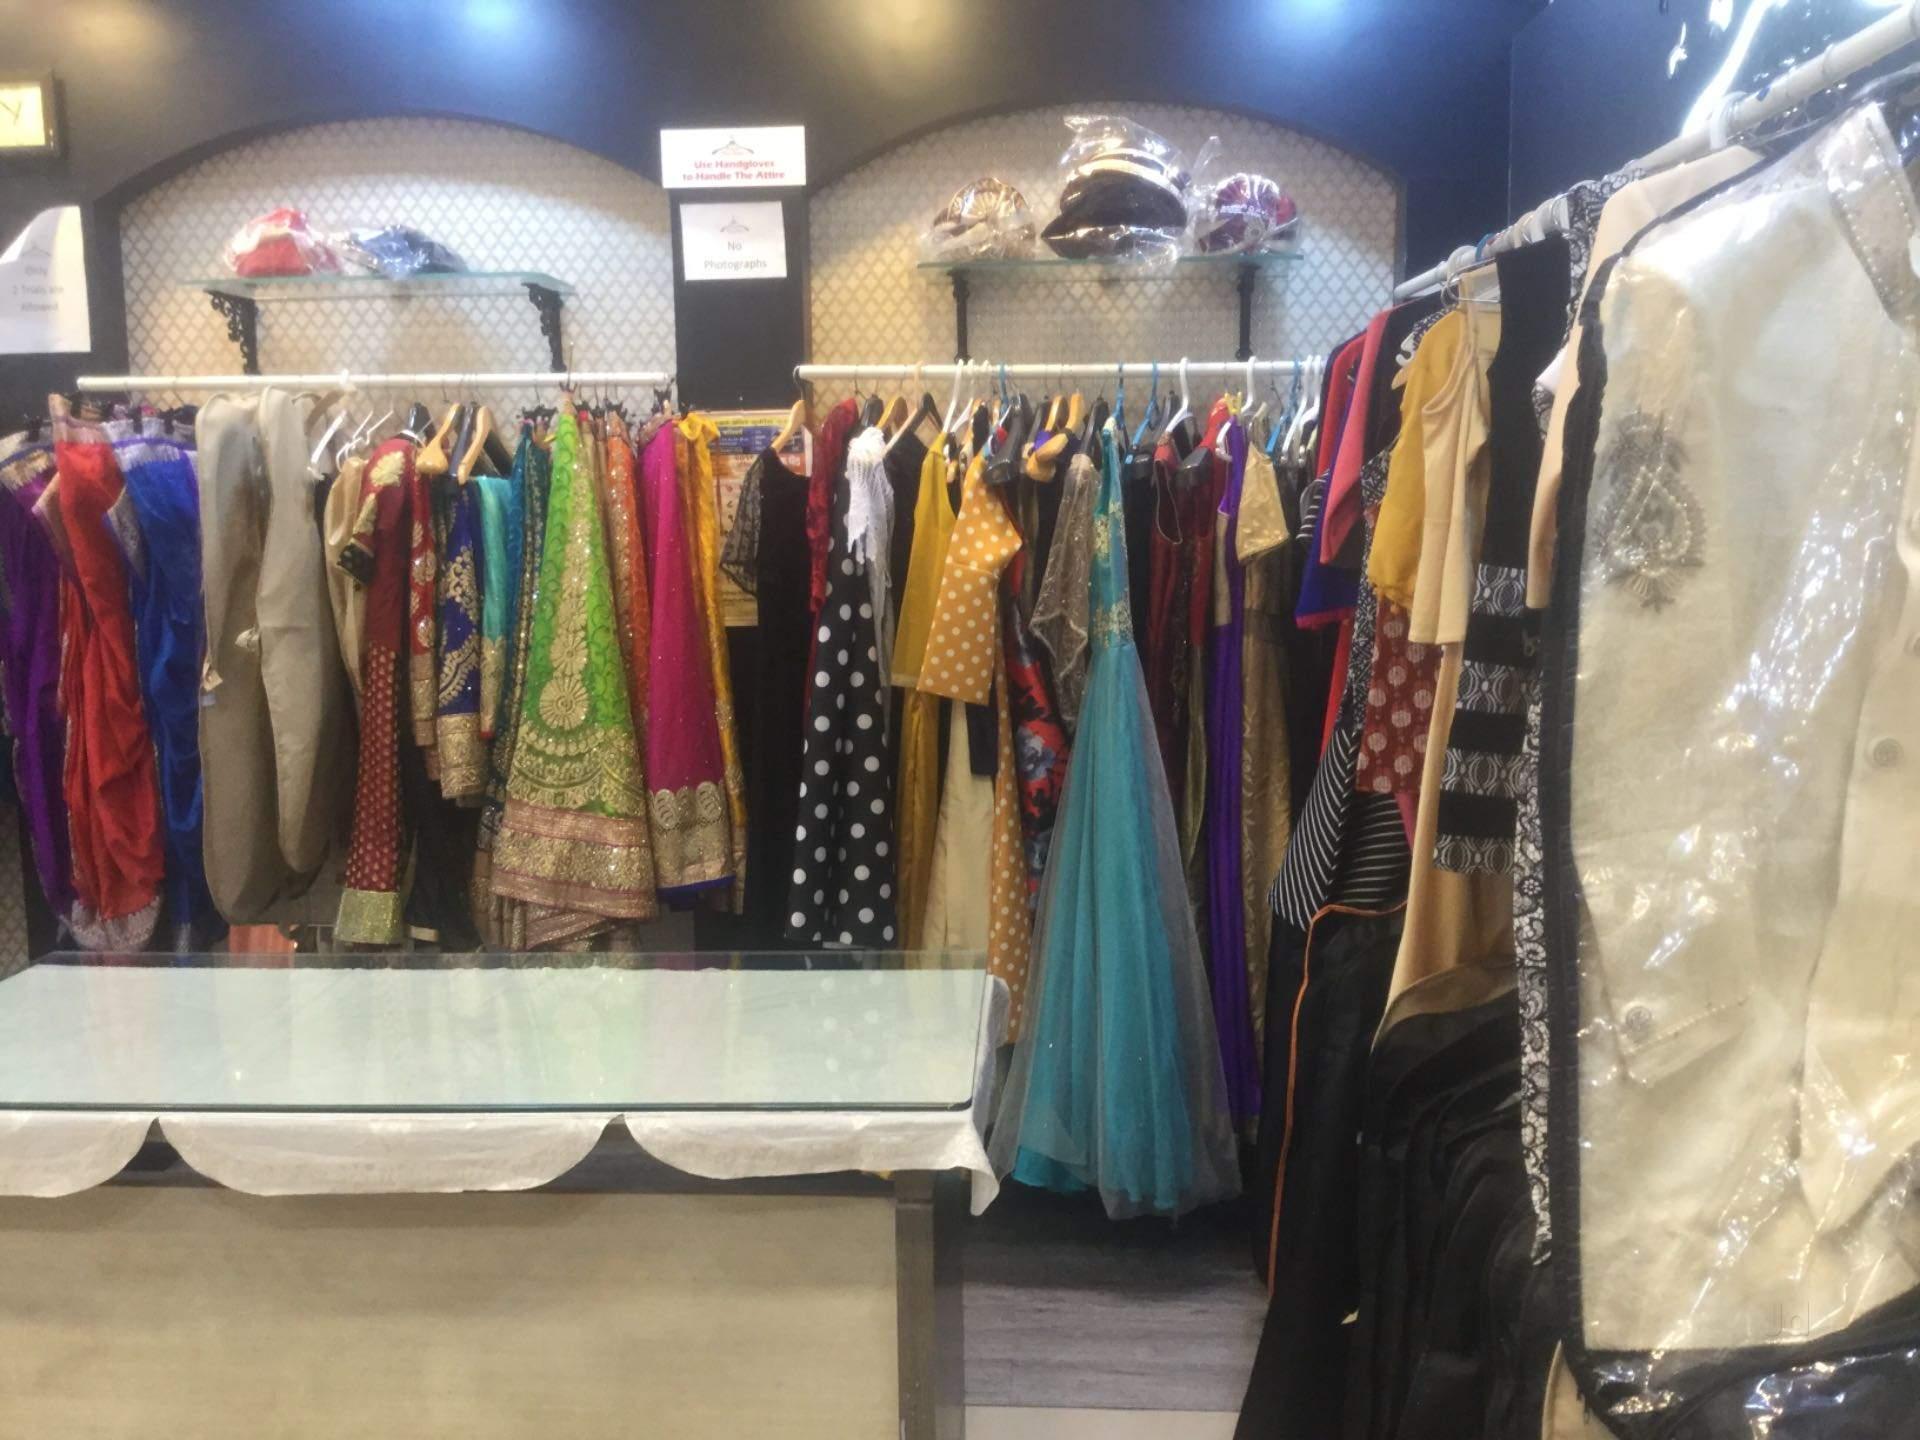 Top Bridal Wear On Hire in Viman Nagar - Best Bridal Lehenga